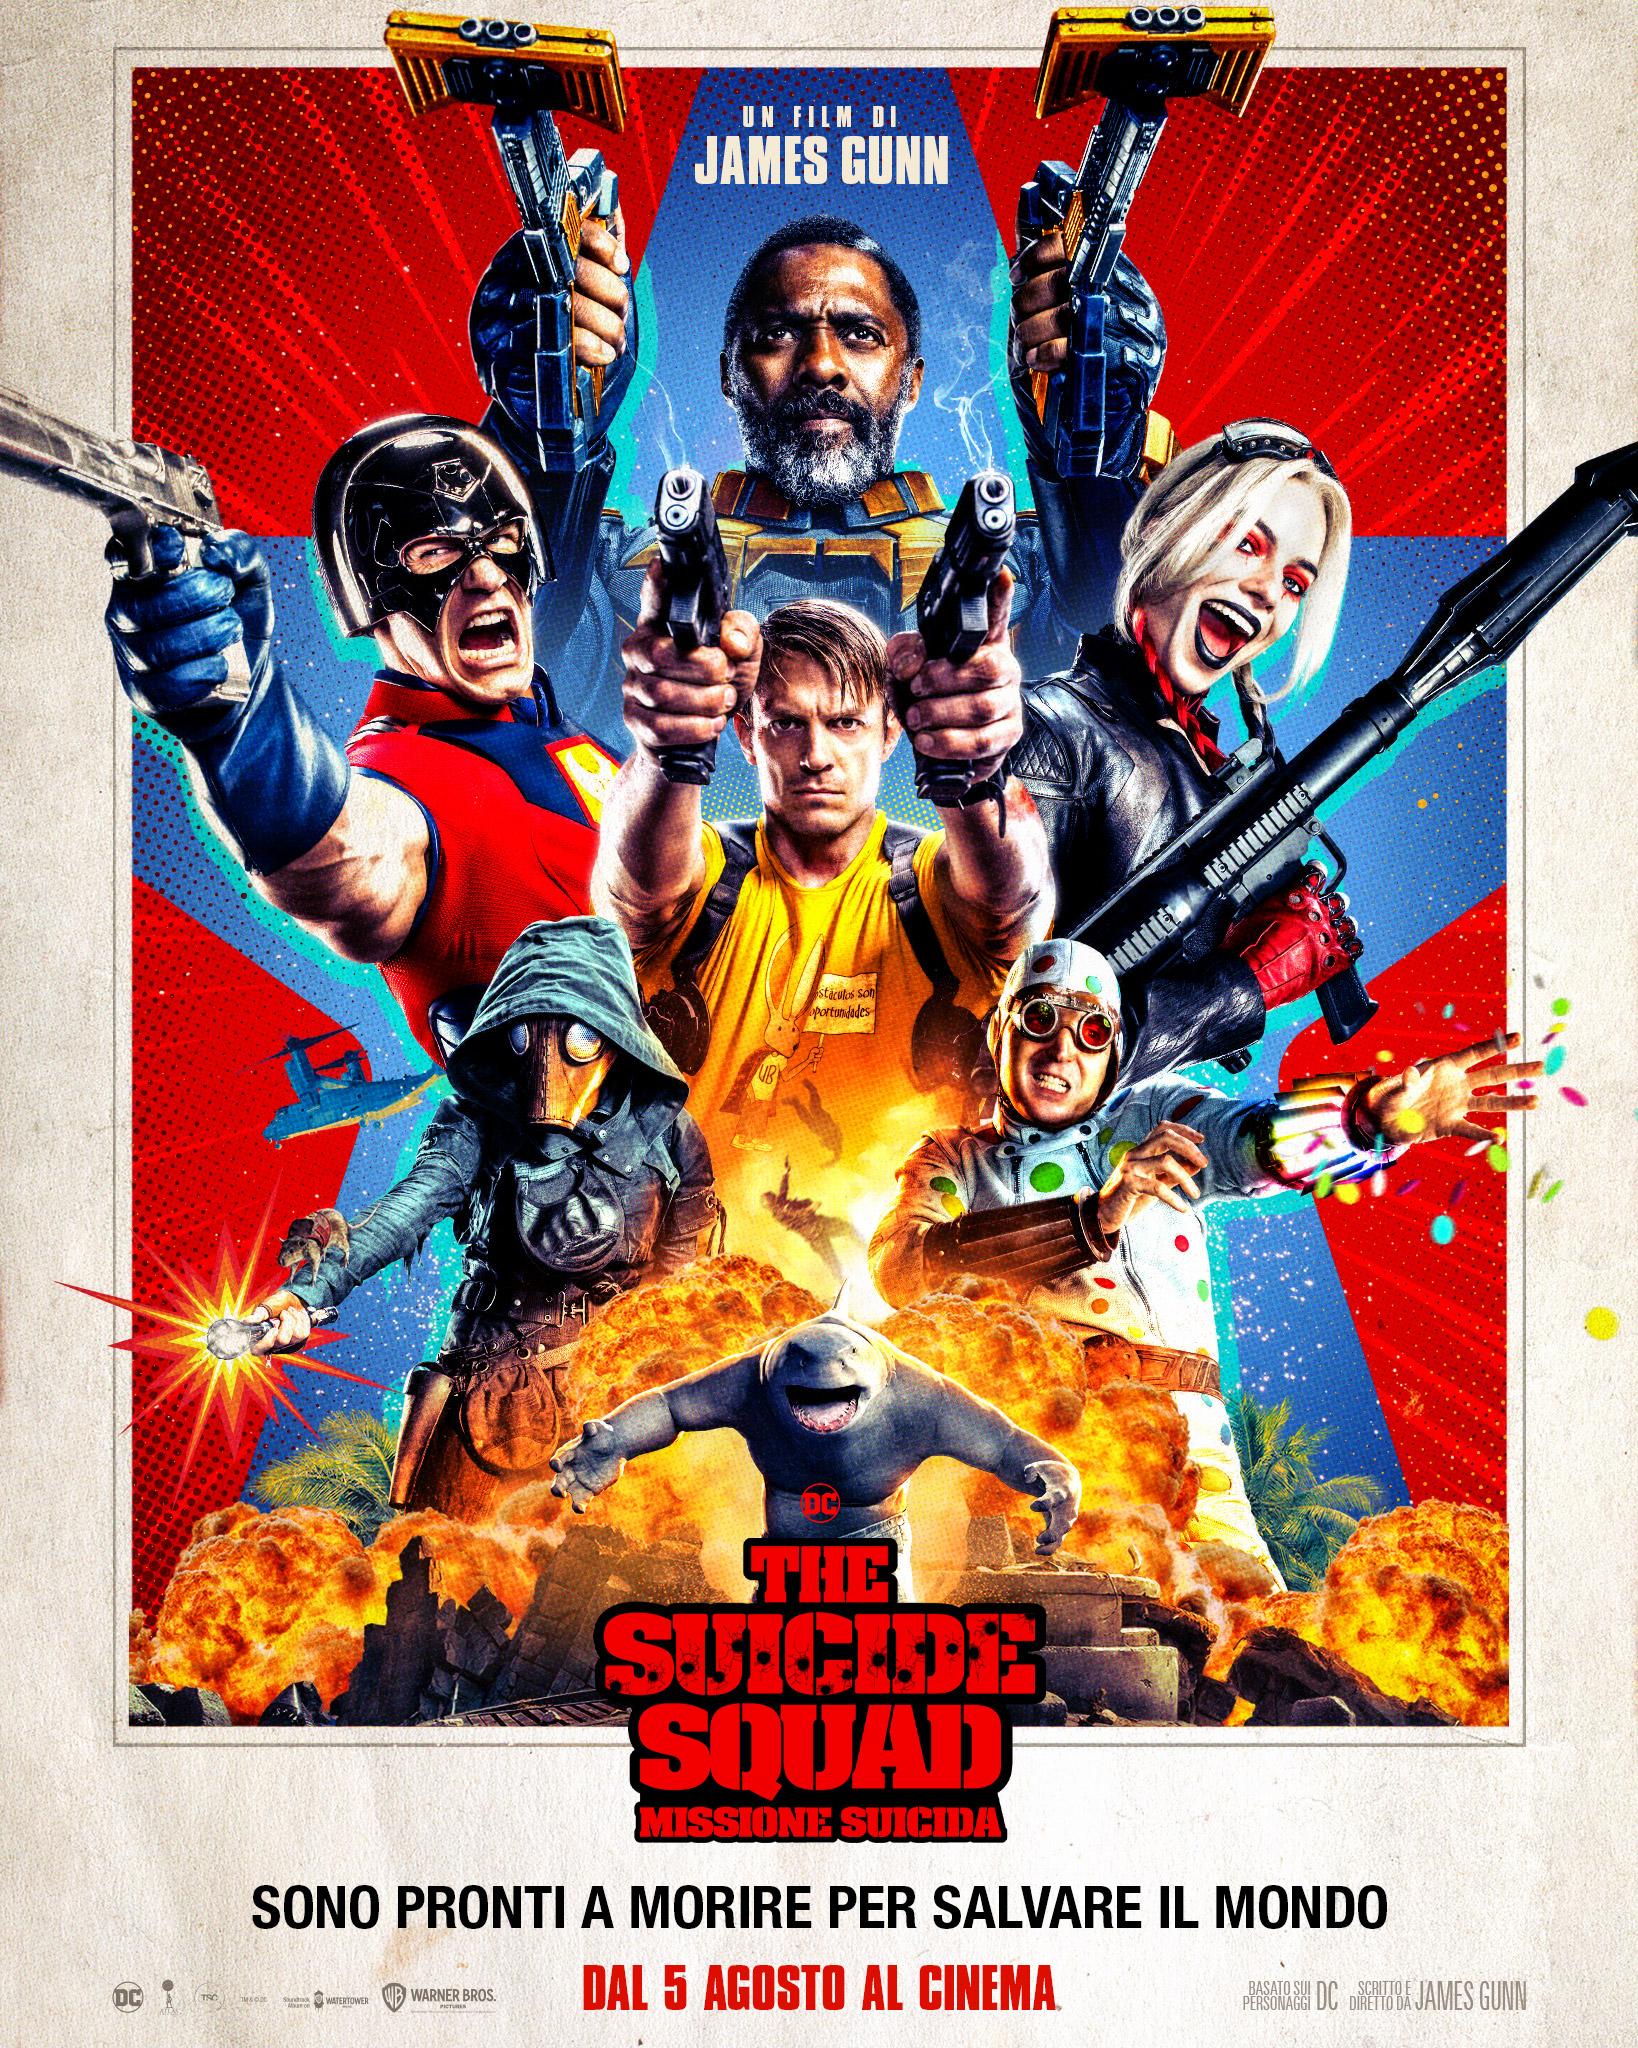 the-suicide-squad-THE_SUICIDE_SQUAD_-_MISSIONE_SUICIDA_Dal_5_Agosto_al_Cinema_POSTER_UFFICIALE_ITA.jpg